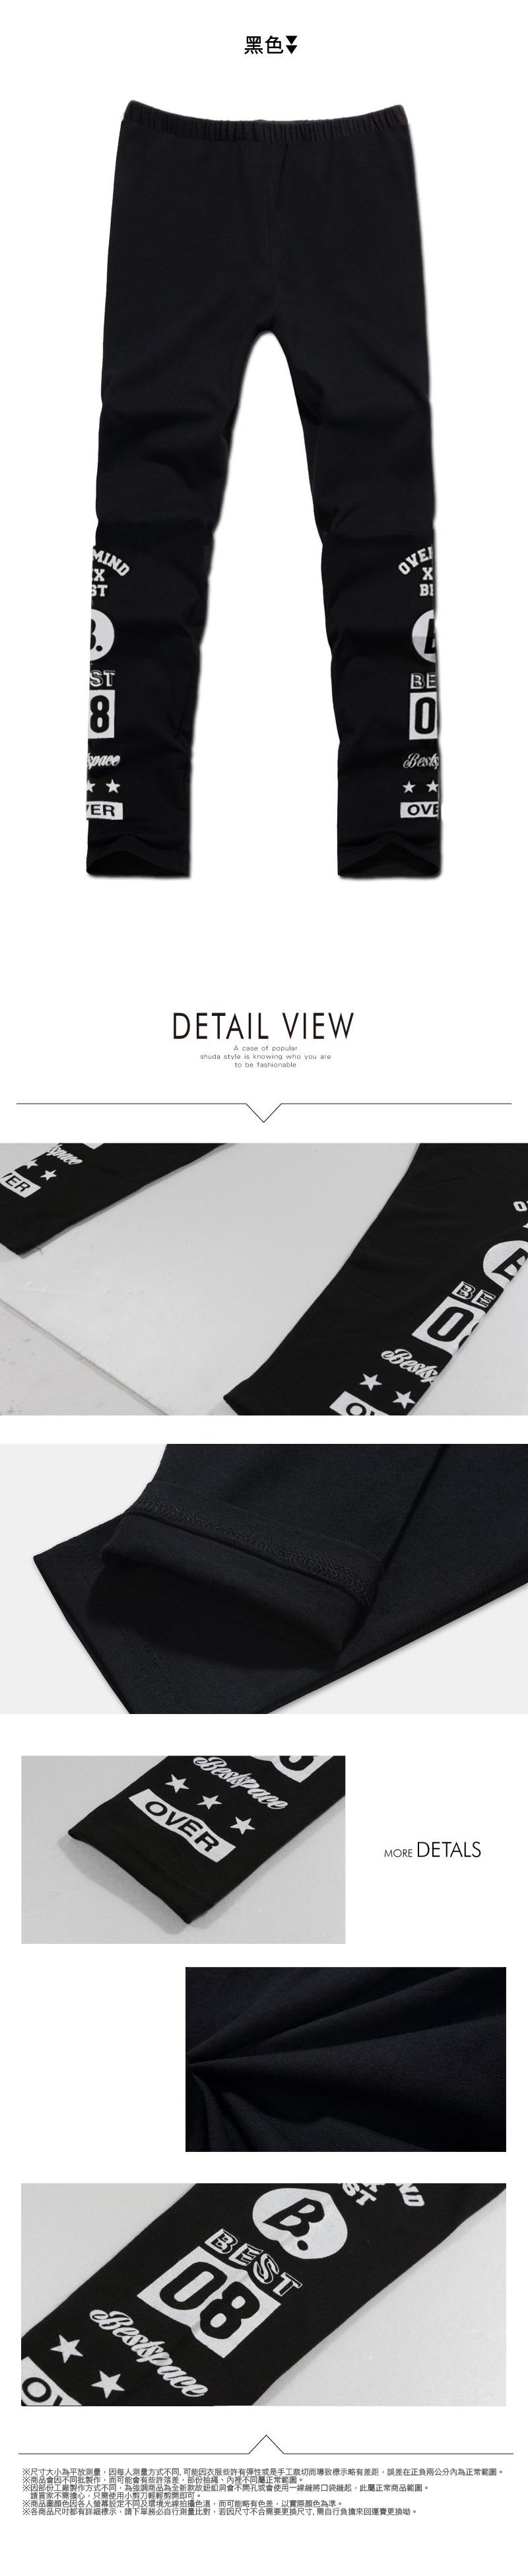 內搭褲.造型褲.男女可穿.潮黑系風格.BEST 08反白字【G2552】艾咪E舖